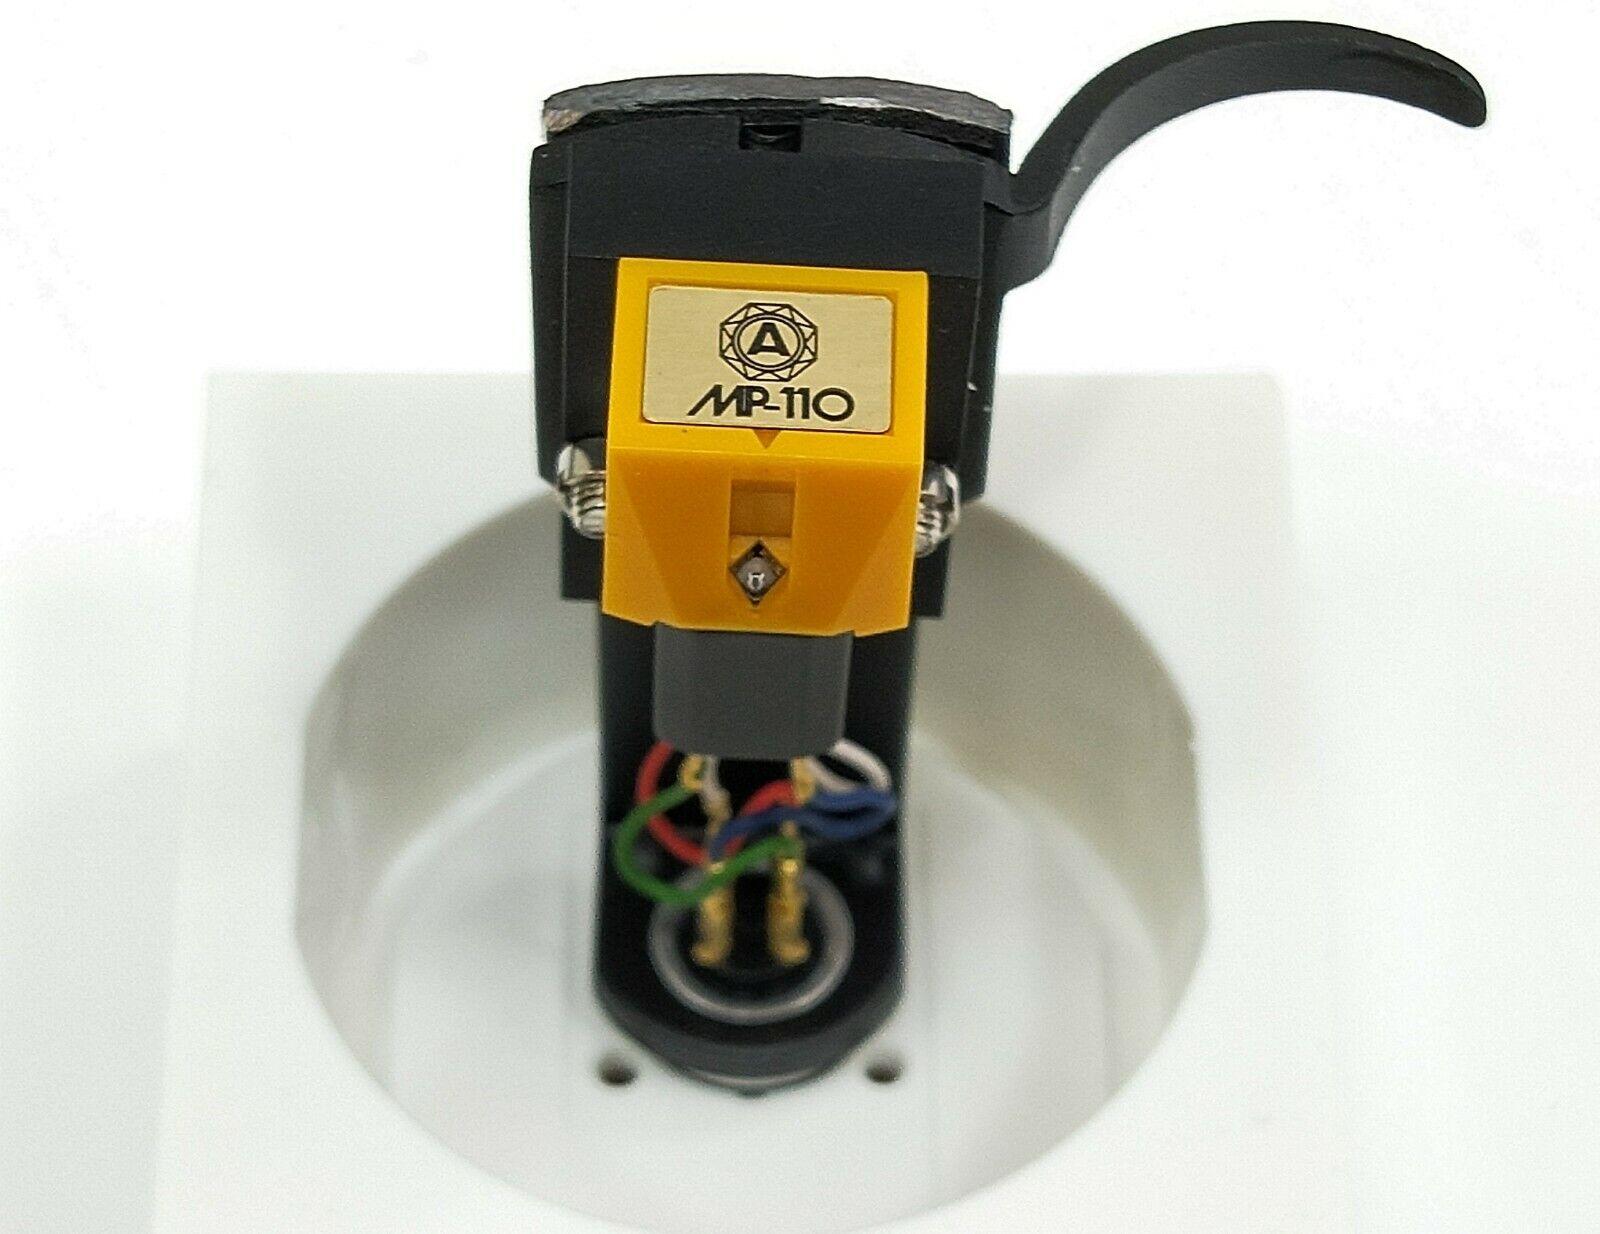 Nagaoka MP-110 Phono Stereo Cartridge mit Kopfschuss in ausgezeichneter Kondition